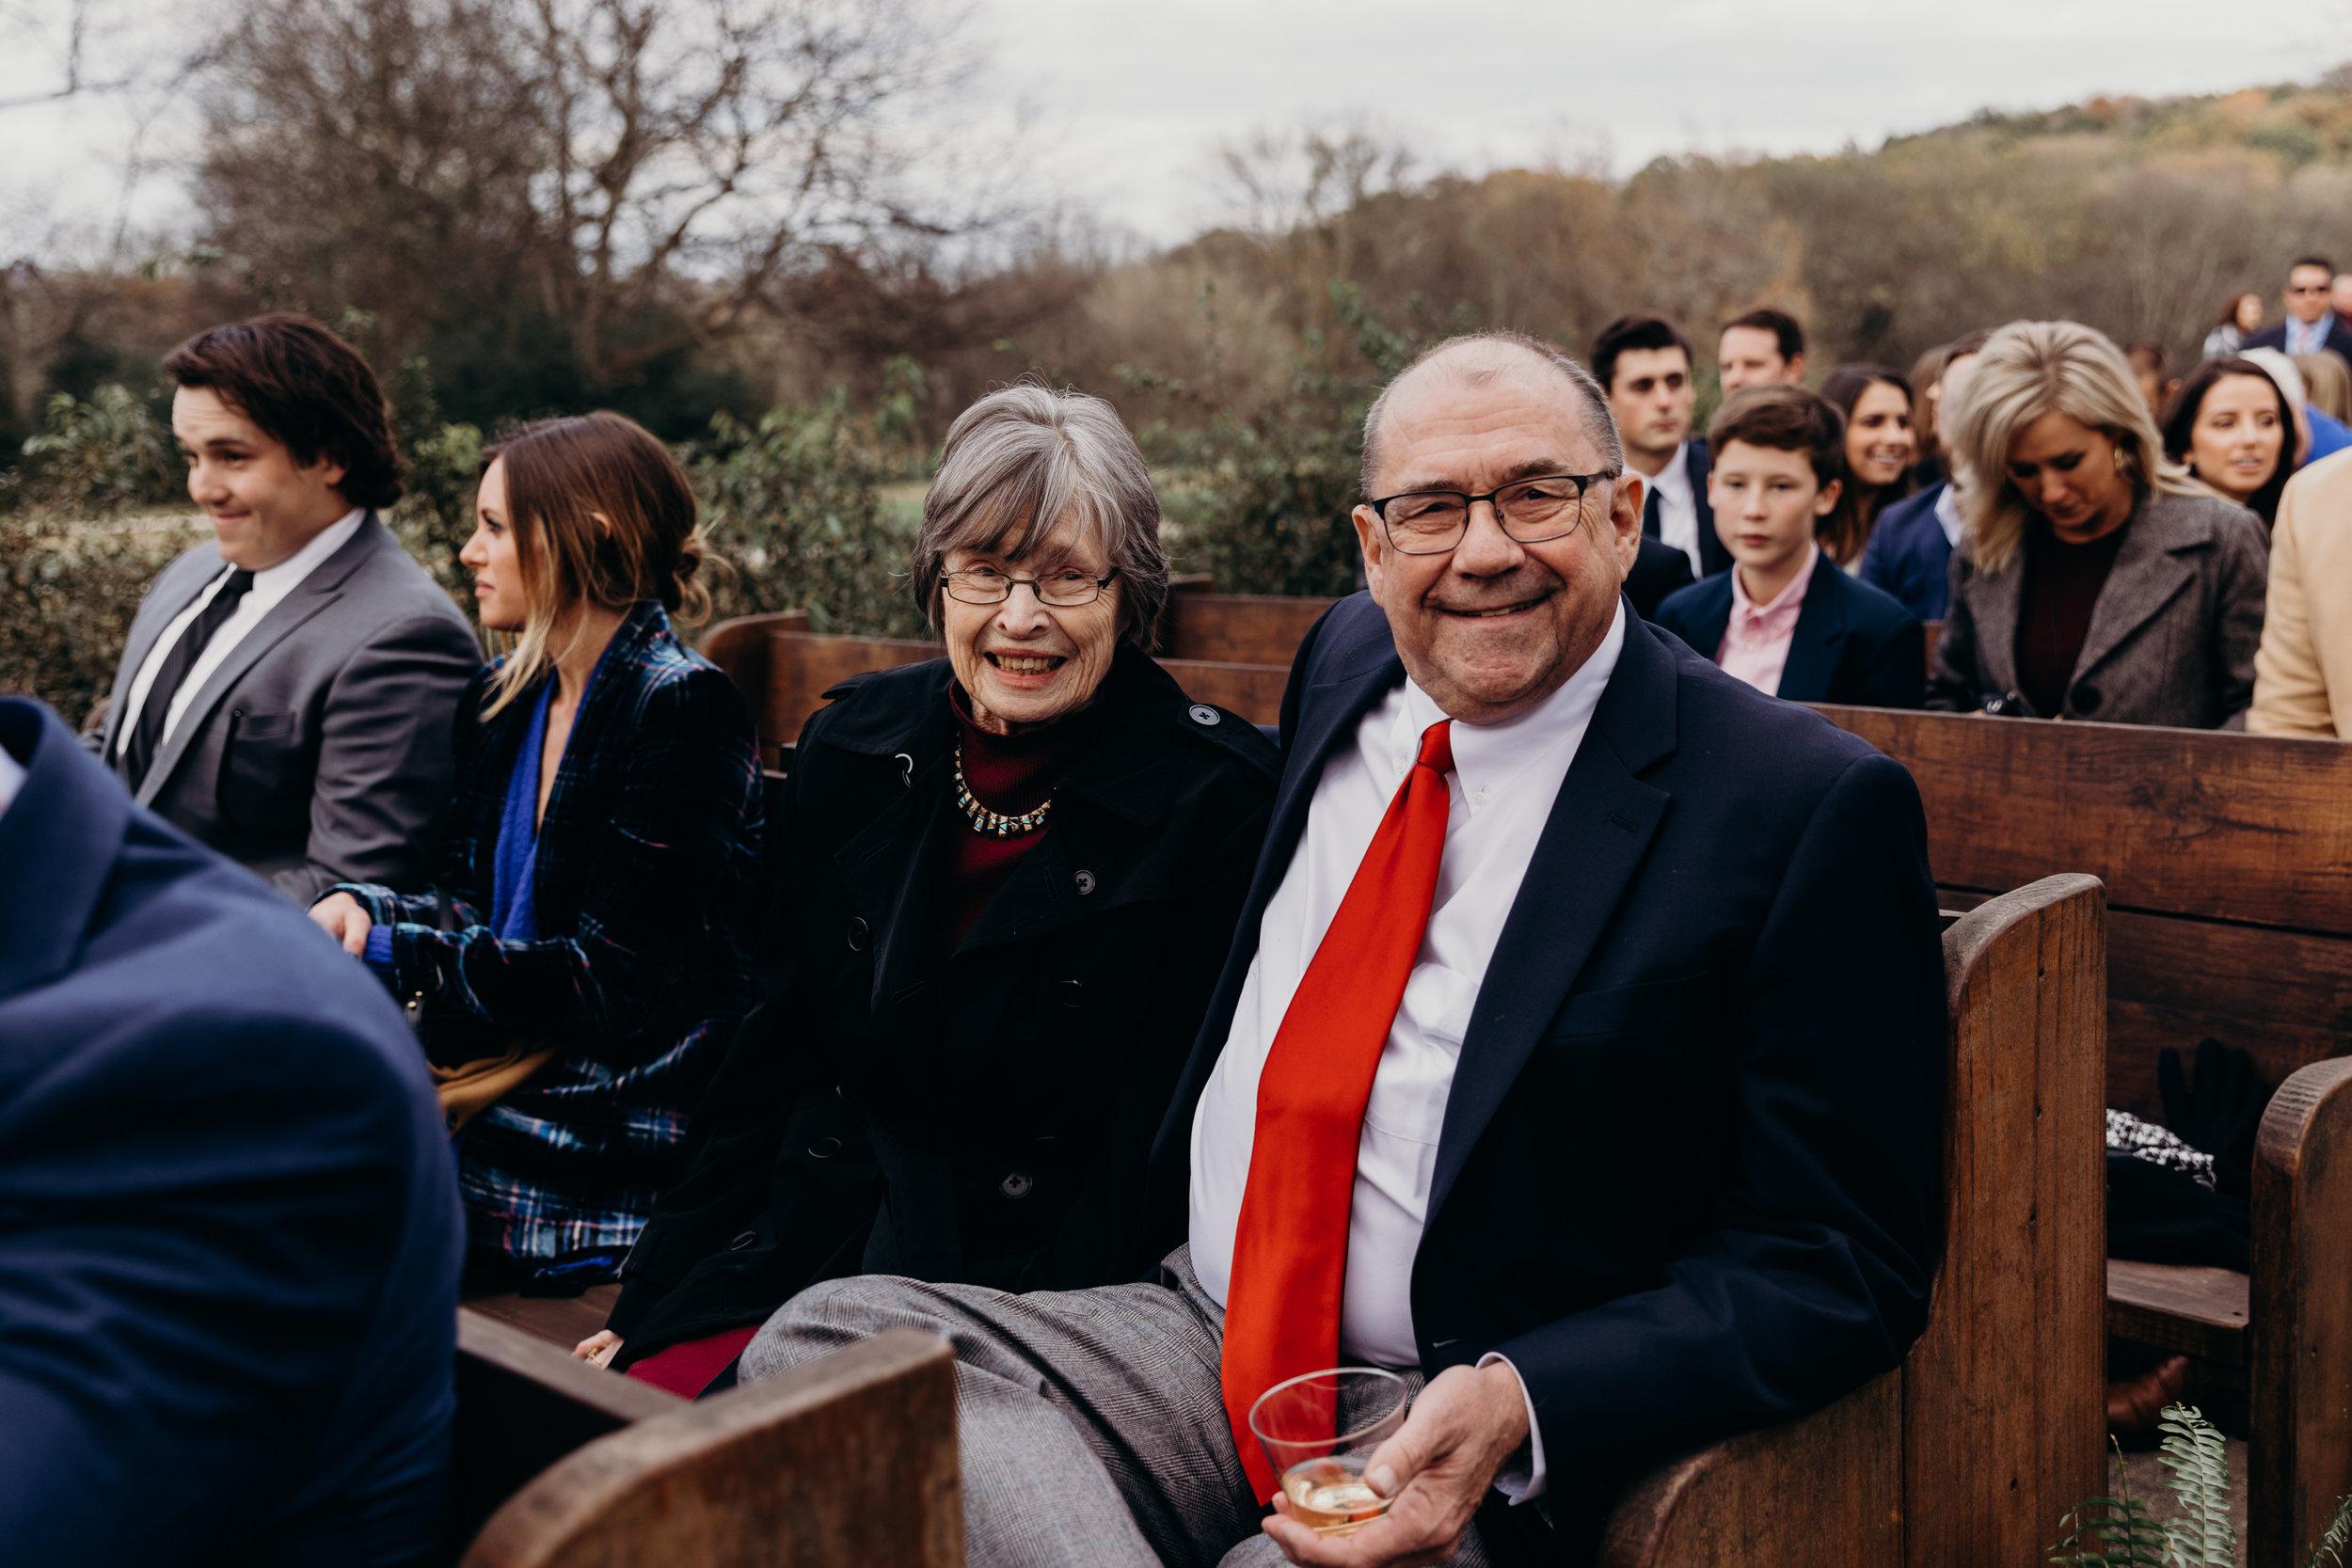 434-ltw-morgan-adam-wedding.jpg